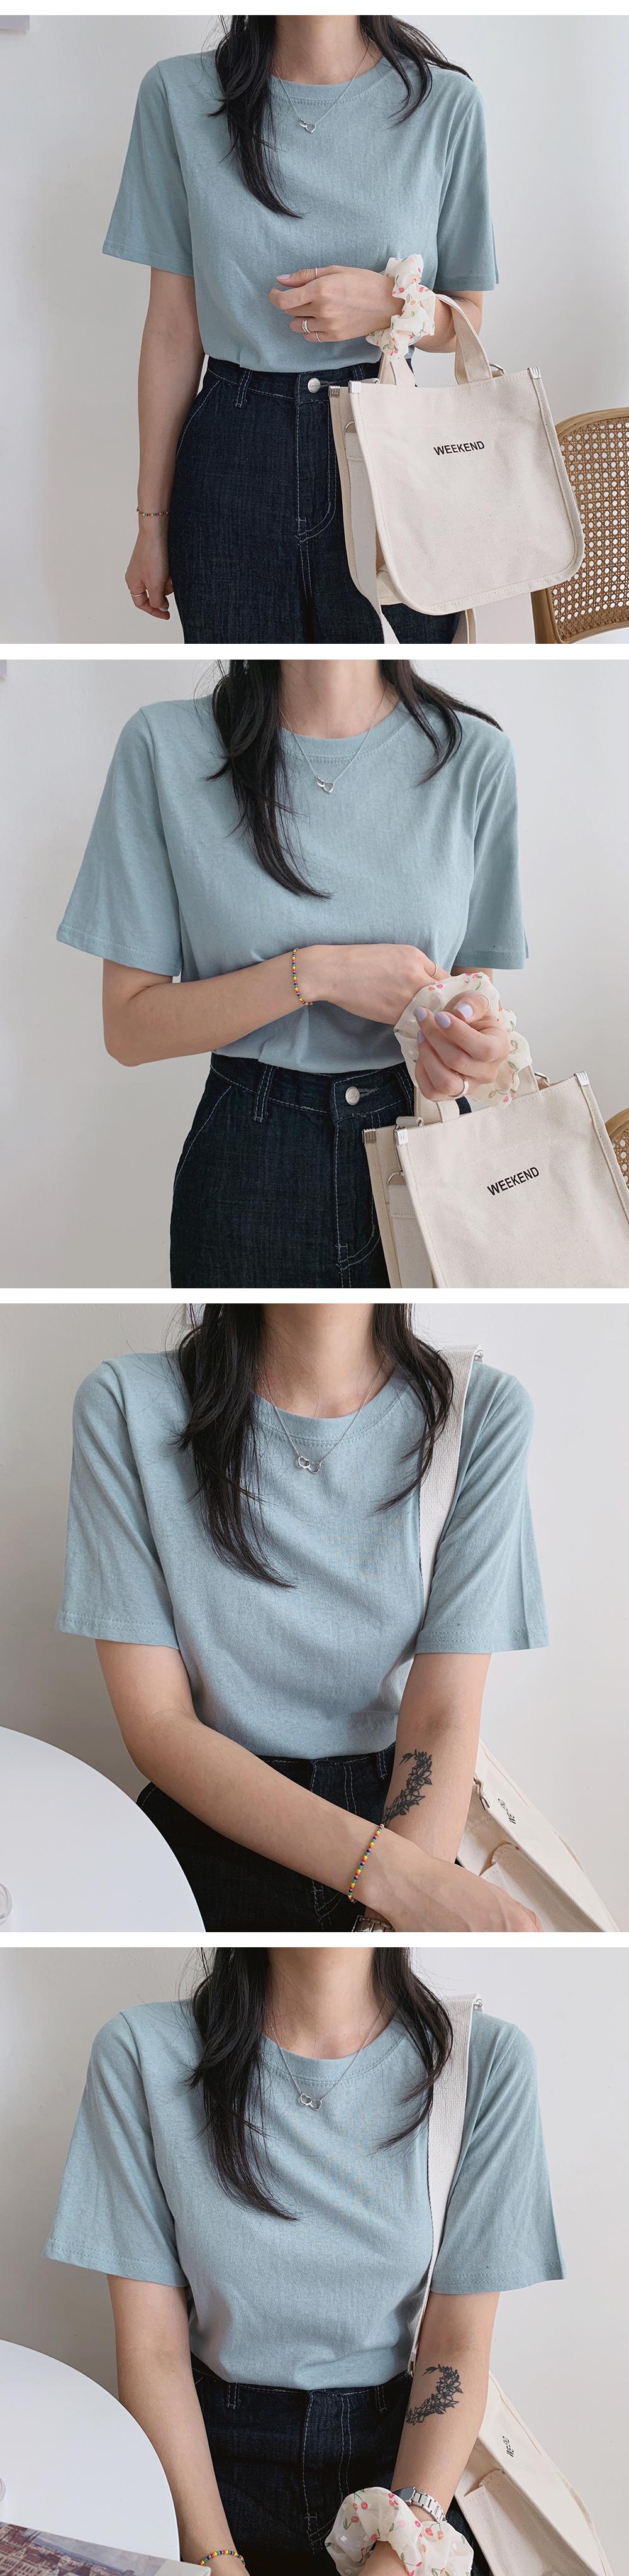 Slack fit plain short sleeve tee